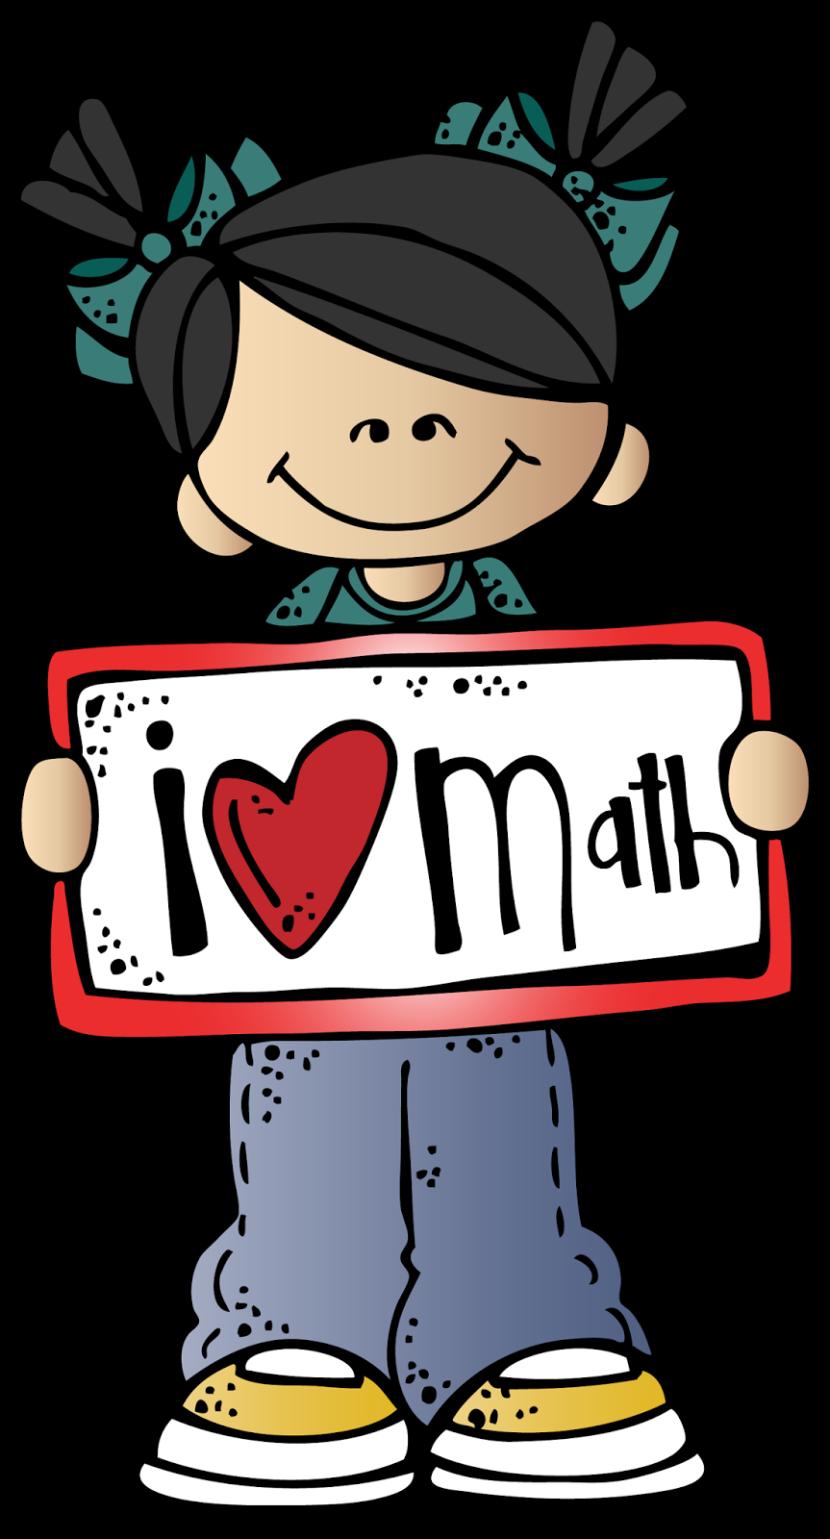 Math Cartoon Clip Art - ClipArt Best